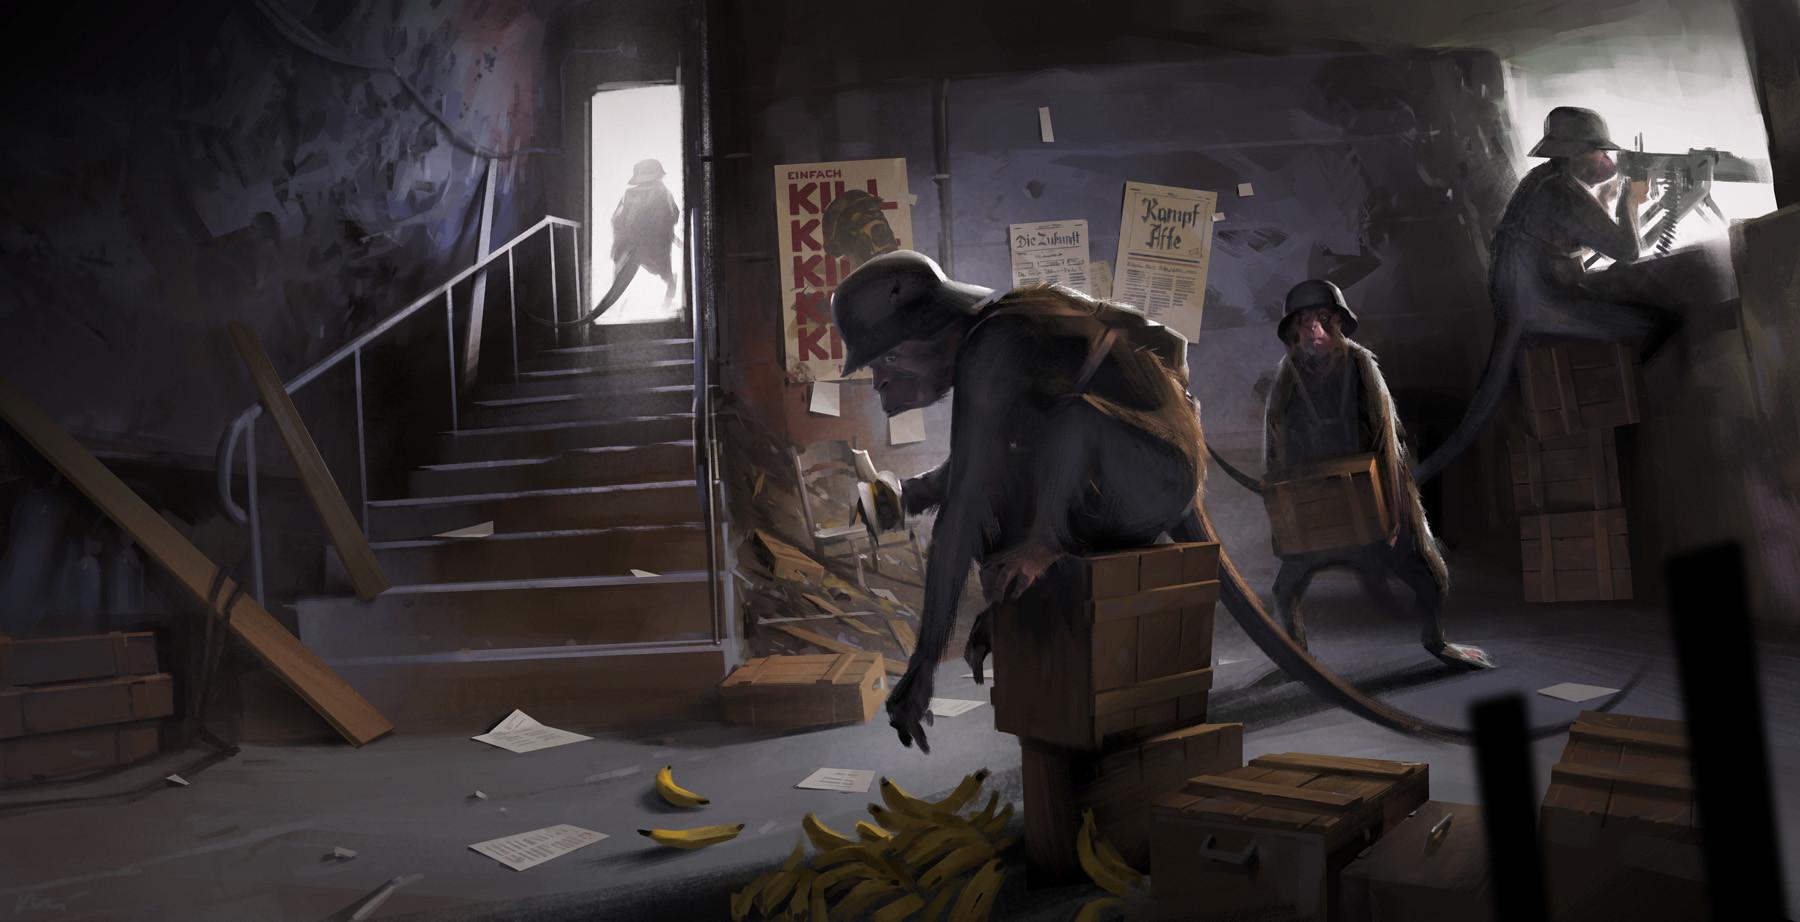 Les nouvelles créations du talentueux illustrateur Michal Lisowski